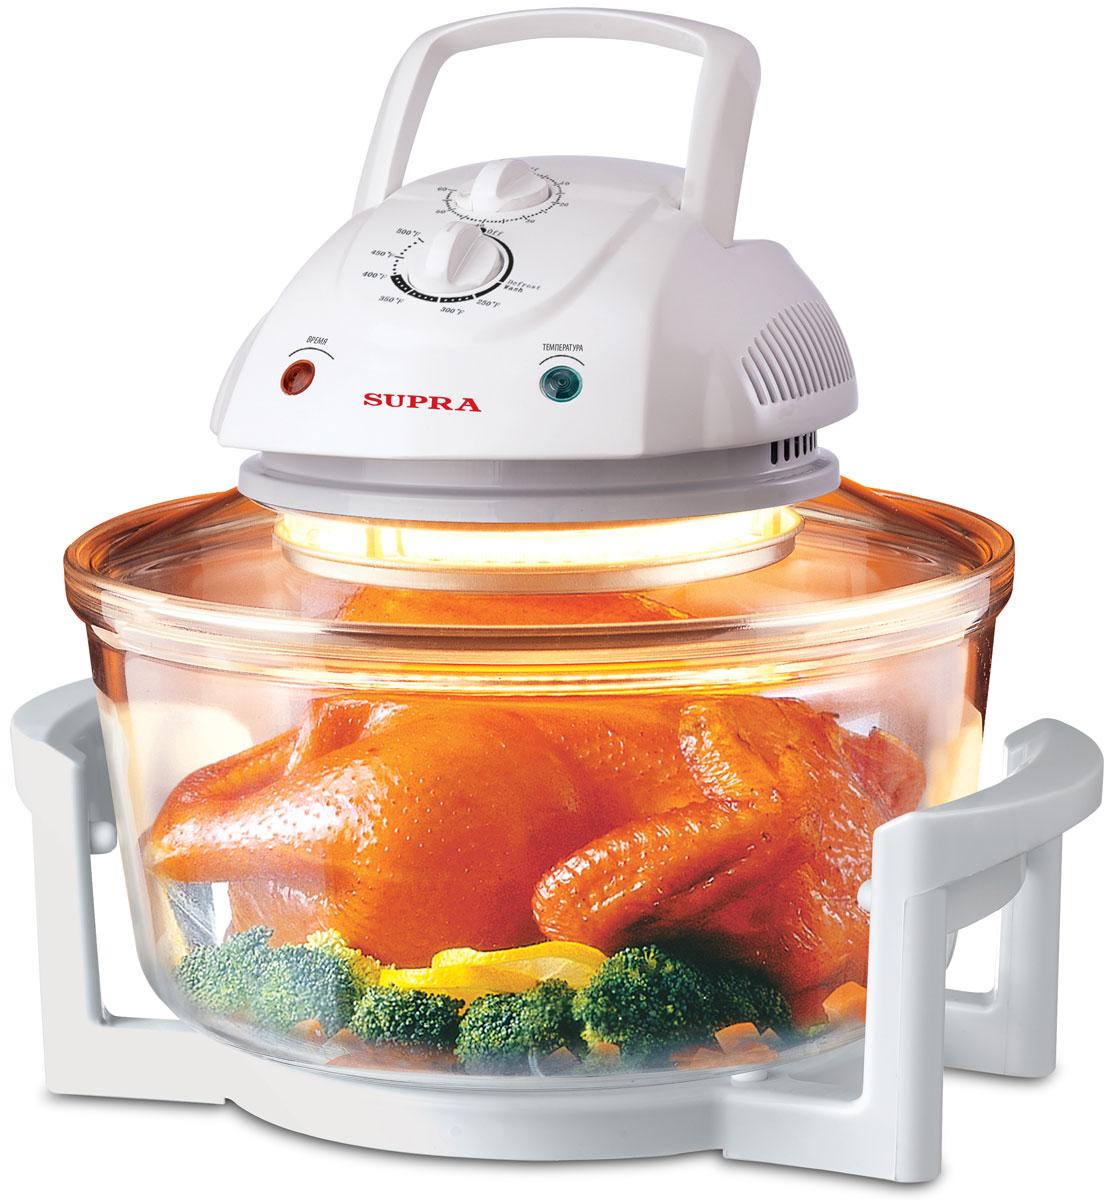 Supra AGS-1101, White аэрогрильAGS-1101Аэрогриль Supra AGS-1101 совмещает в себе функции духовки, кухонной плиты, жаровни и т.д. Можете себе представить, что вы возвращаетесь с работы и готовите обед для всей семьи всего за полчаса? Вам не нужно разогревать сковородку, мешать суп, переворачивать мясо, поливать жареное мясо соусом. Теперь это возможно. Здоровая пища помогает вам оставаться в форме и не набирать лишние килограммы: готовит без добавления жира! Больше не нужно лить масло для приготовления вкусной еды. Можно добавить лишь одну ложку для вкуса. Благодаря функции вентилятора с пищи сдувается до 75% жира, а все соки сохраняются внутри. Таким образом, вы едите то, что нравится, не беспокоясь о том, что это может повредить фигуре. Аэрогриль Supra AGS-1101 одновременно готовит несколько блюд без участия и контроля хозяйки - работает по выбранному режиму, выключает себя сам и сообщает об этом звонком, тем самым избавляет от необходимости мыть плиту, жирные сковородки и кастрюли. ...